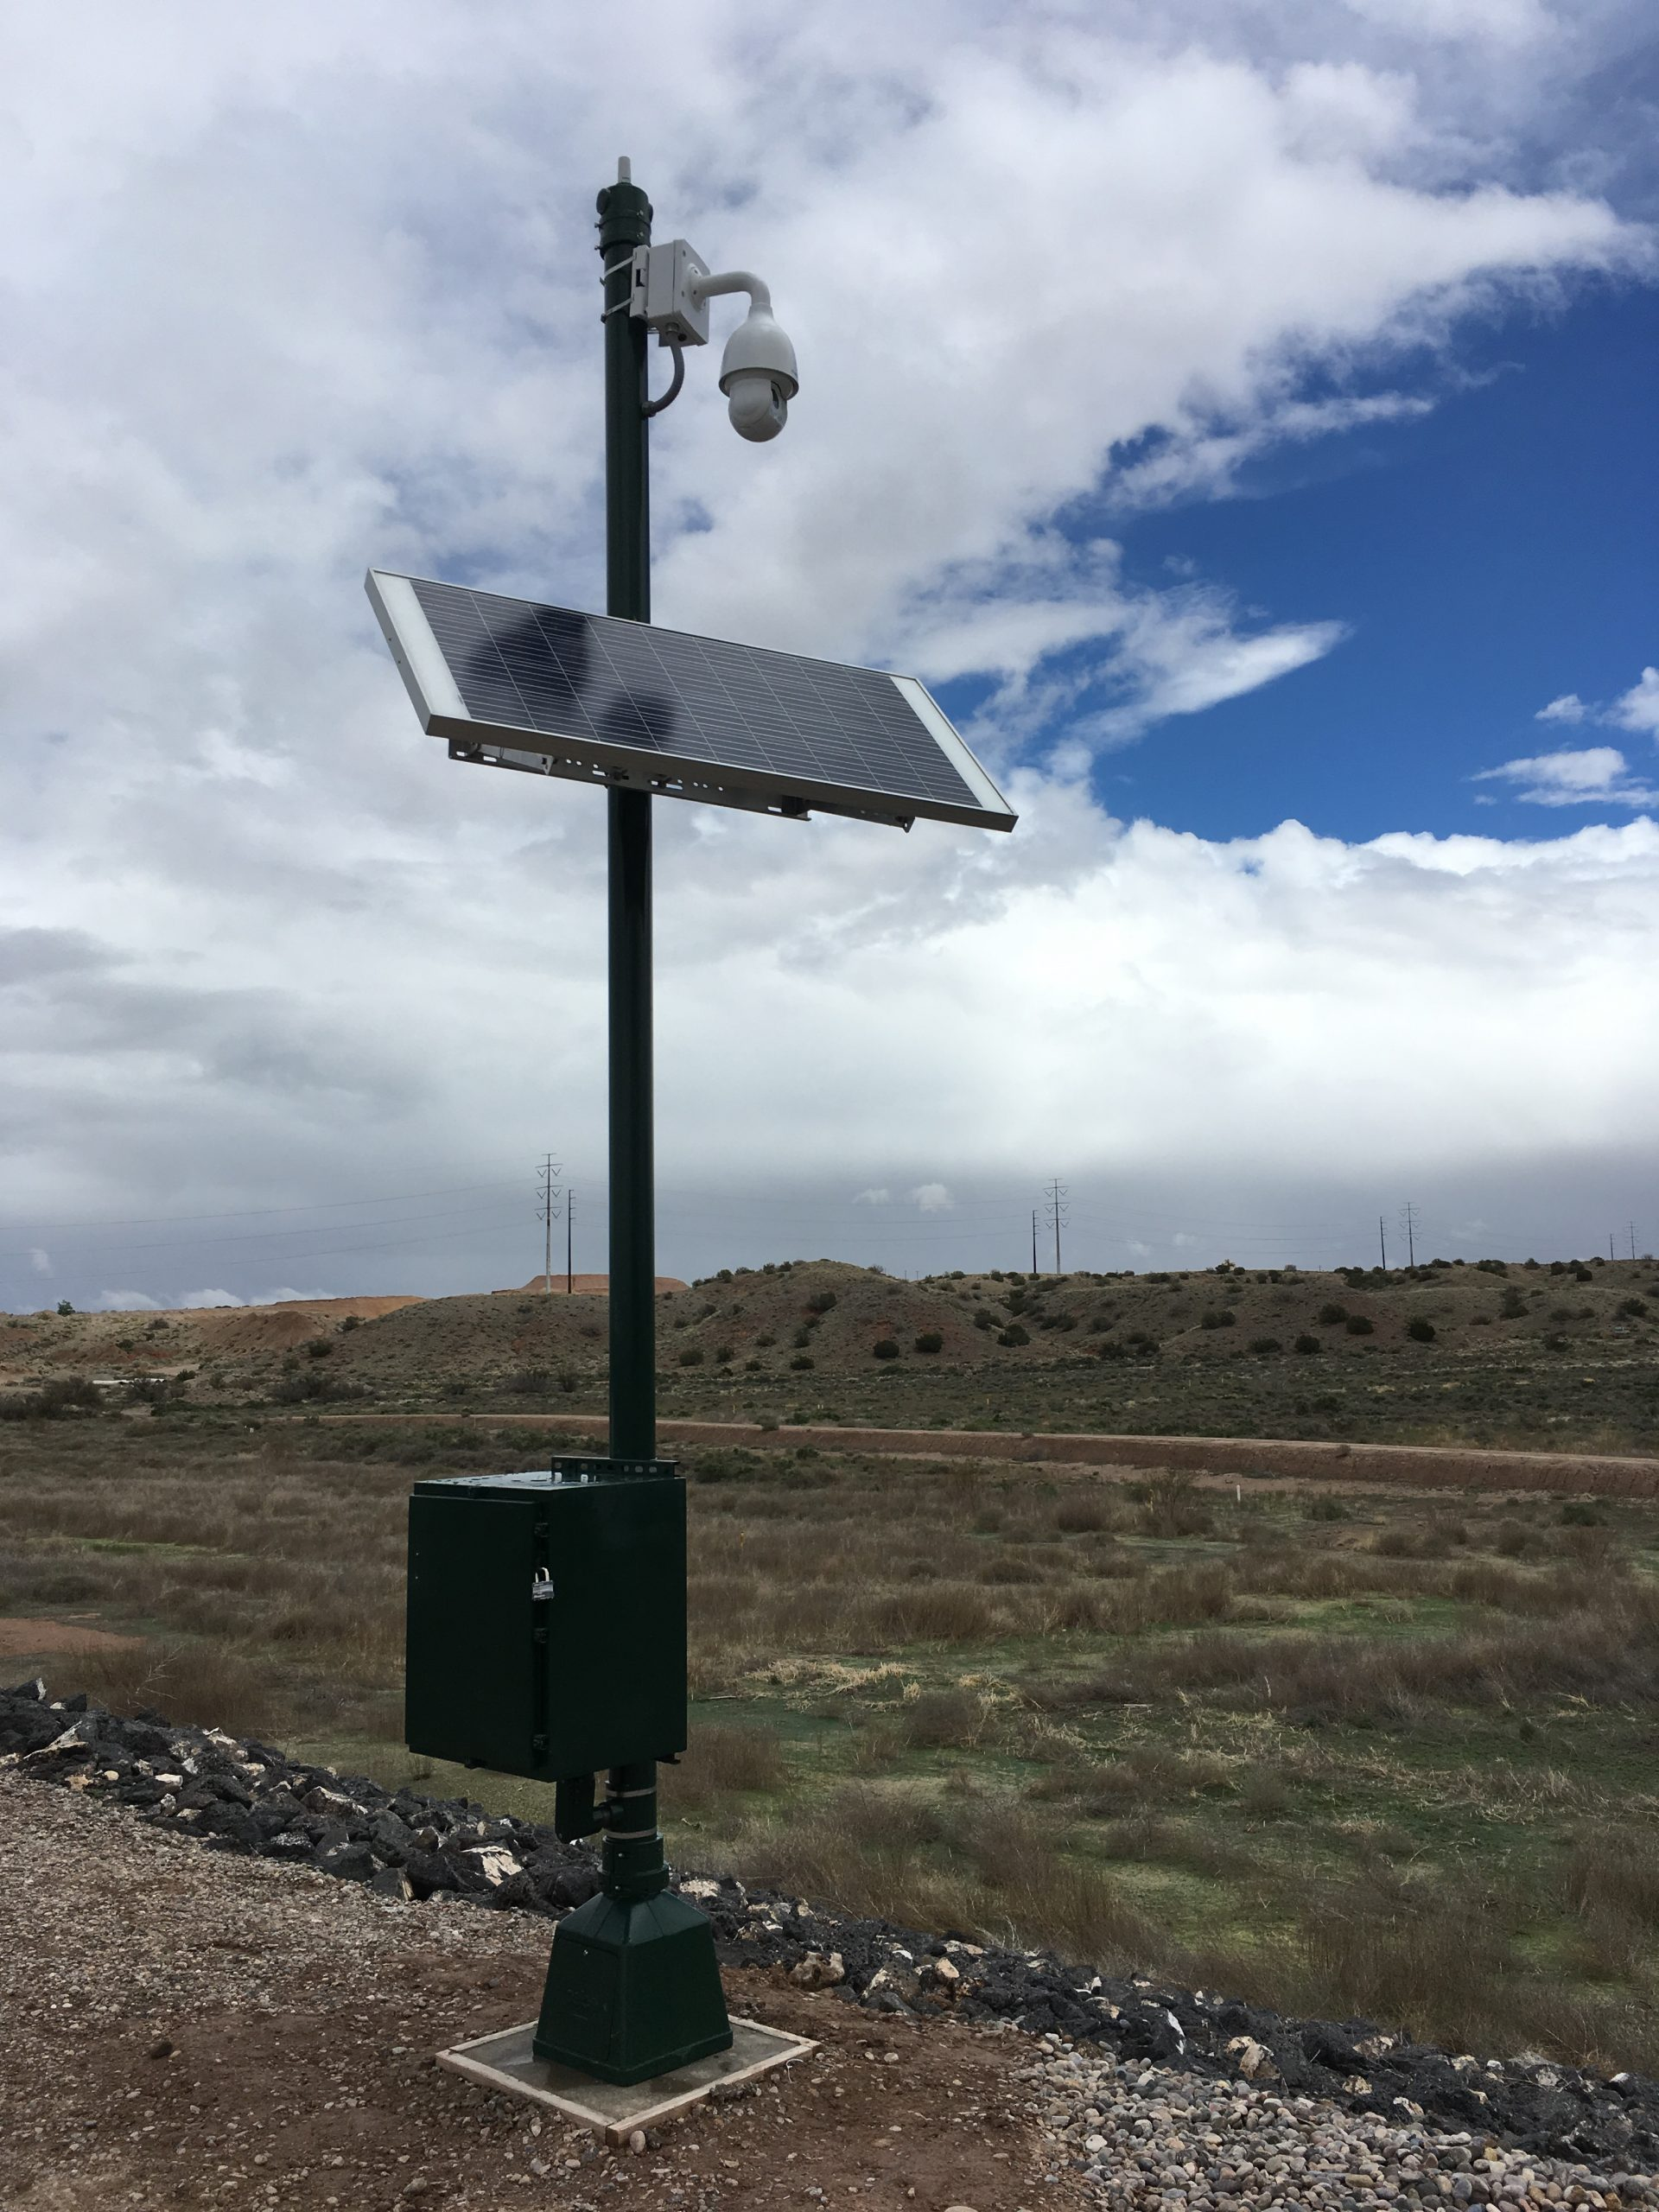 StormLink Camera solution for remote off-grid imaging